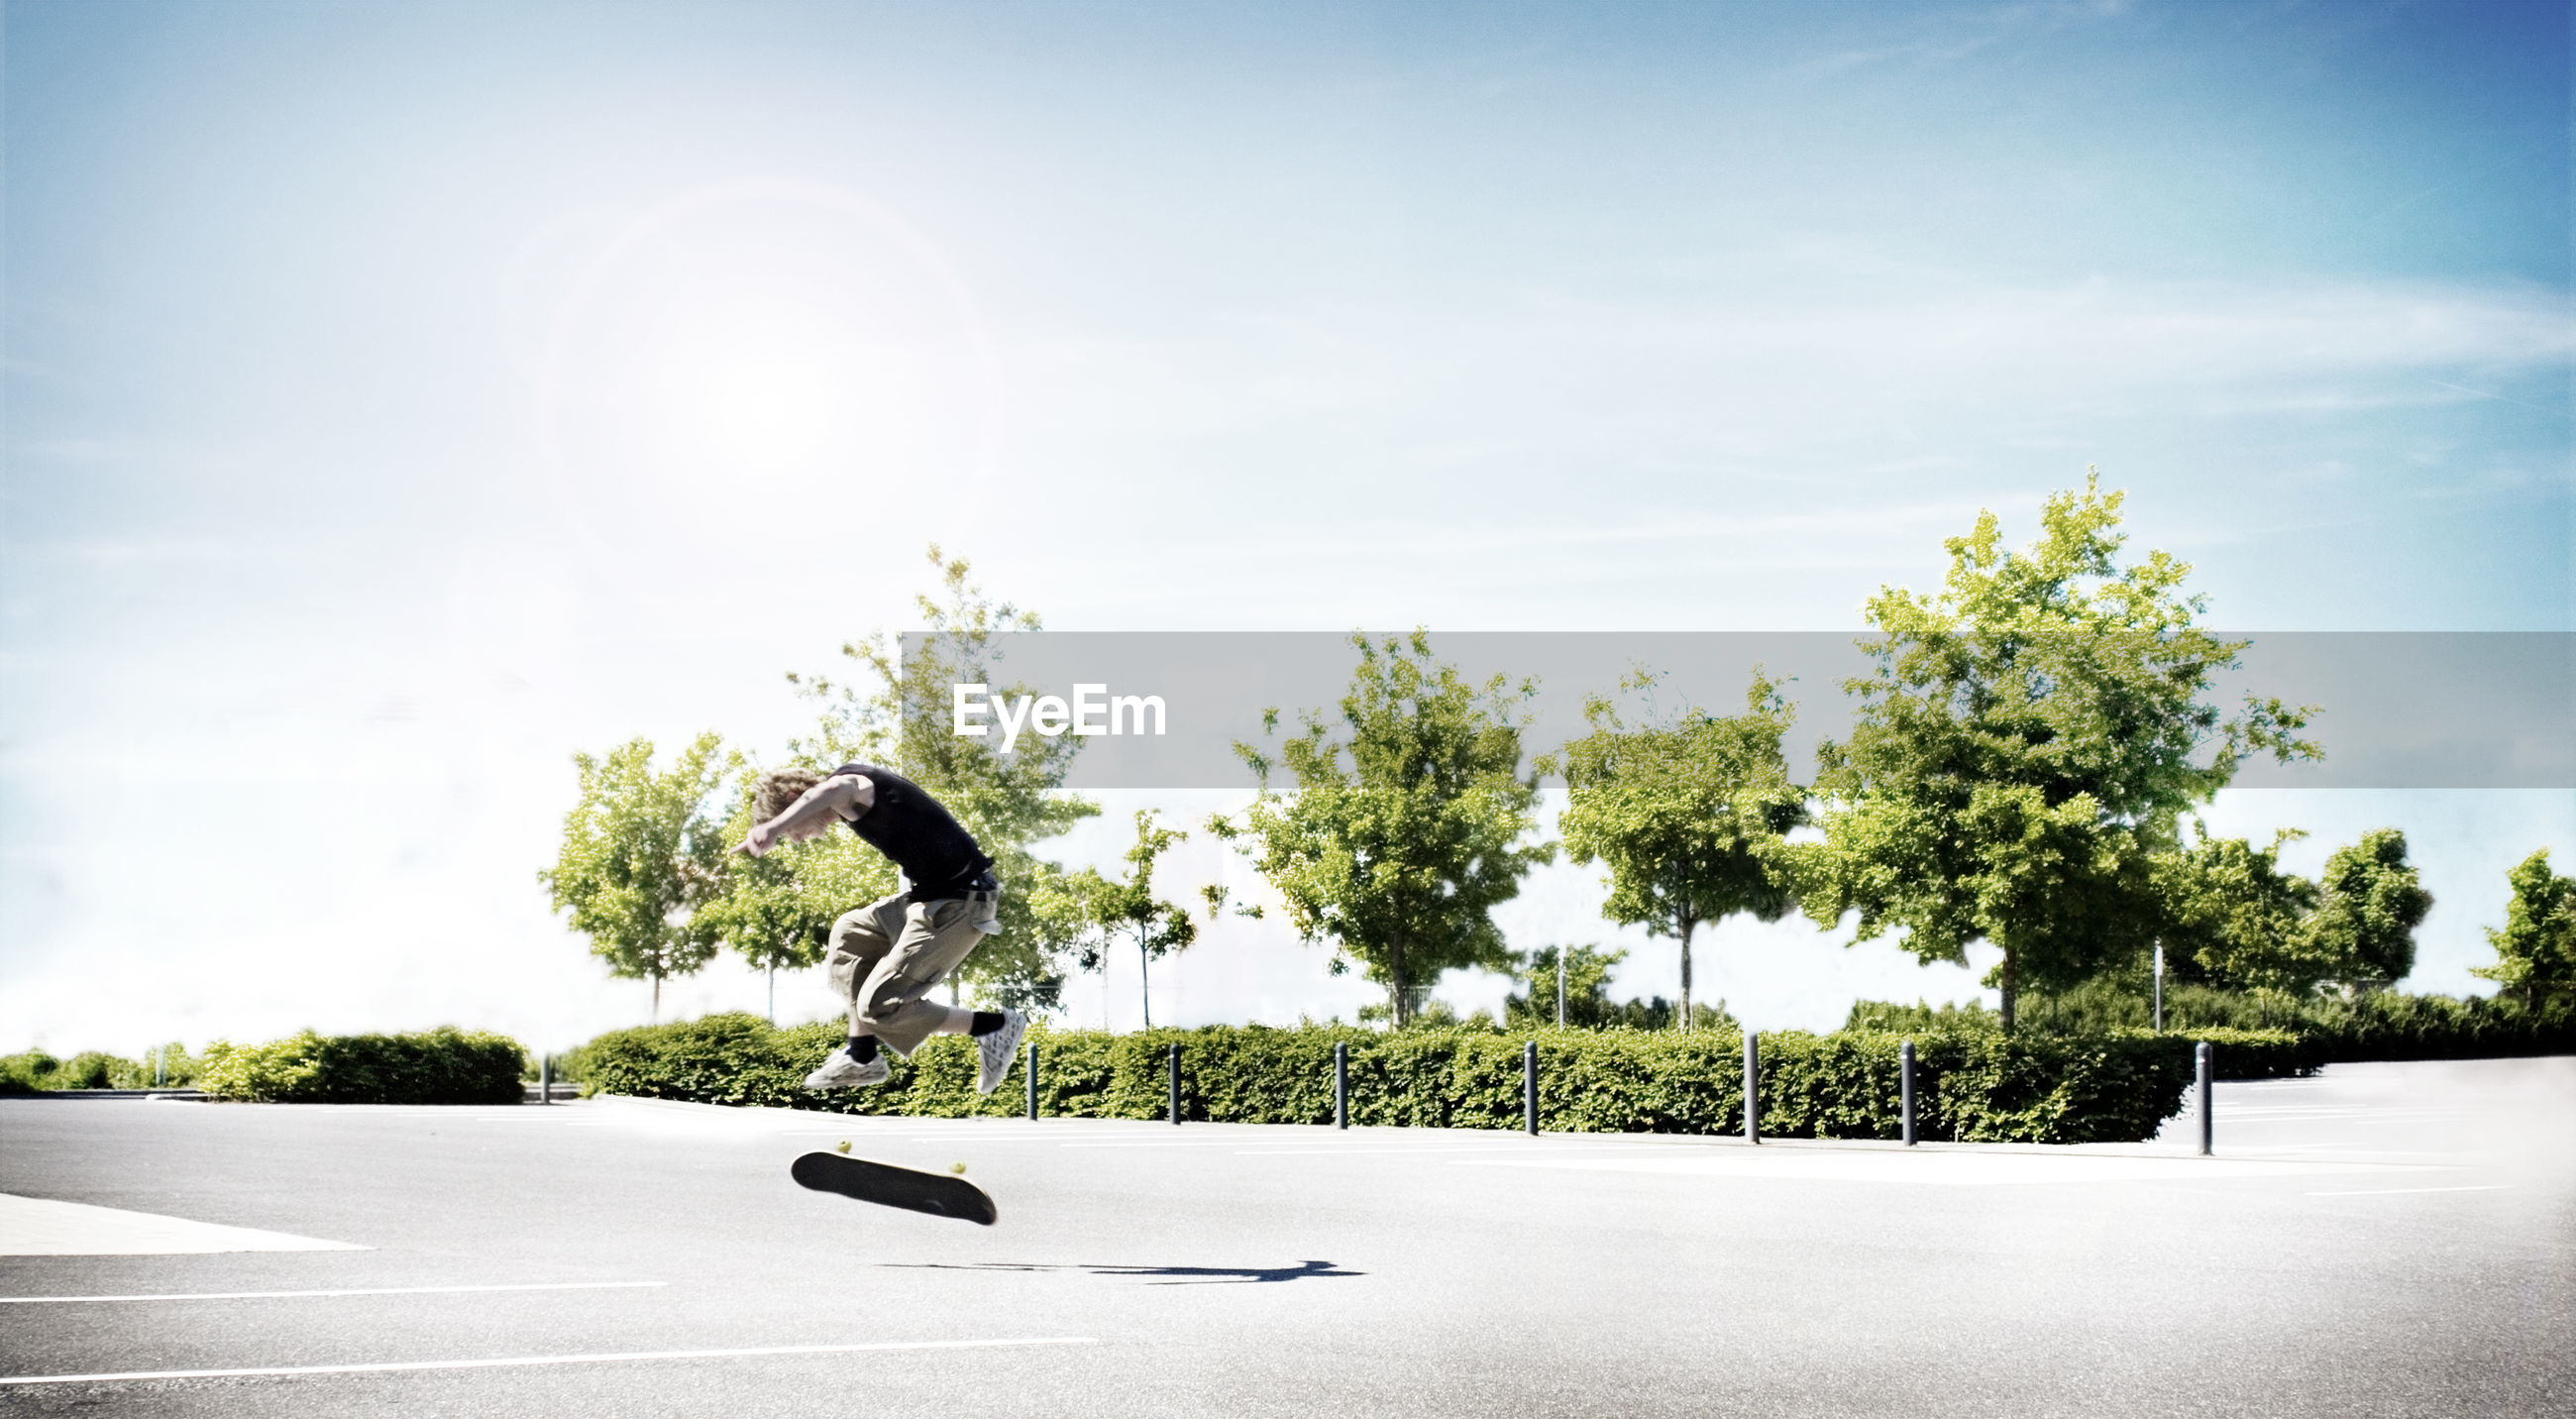 Man skateboarding against sky